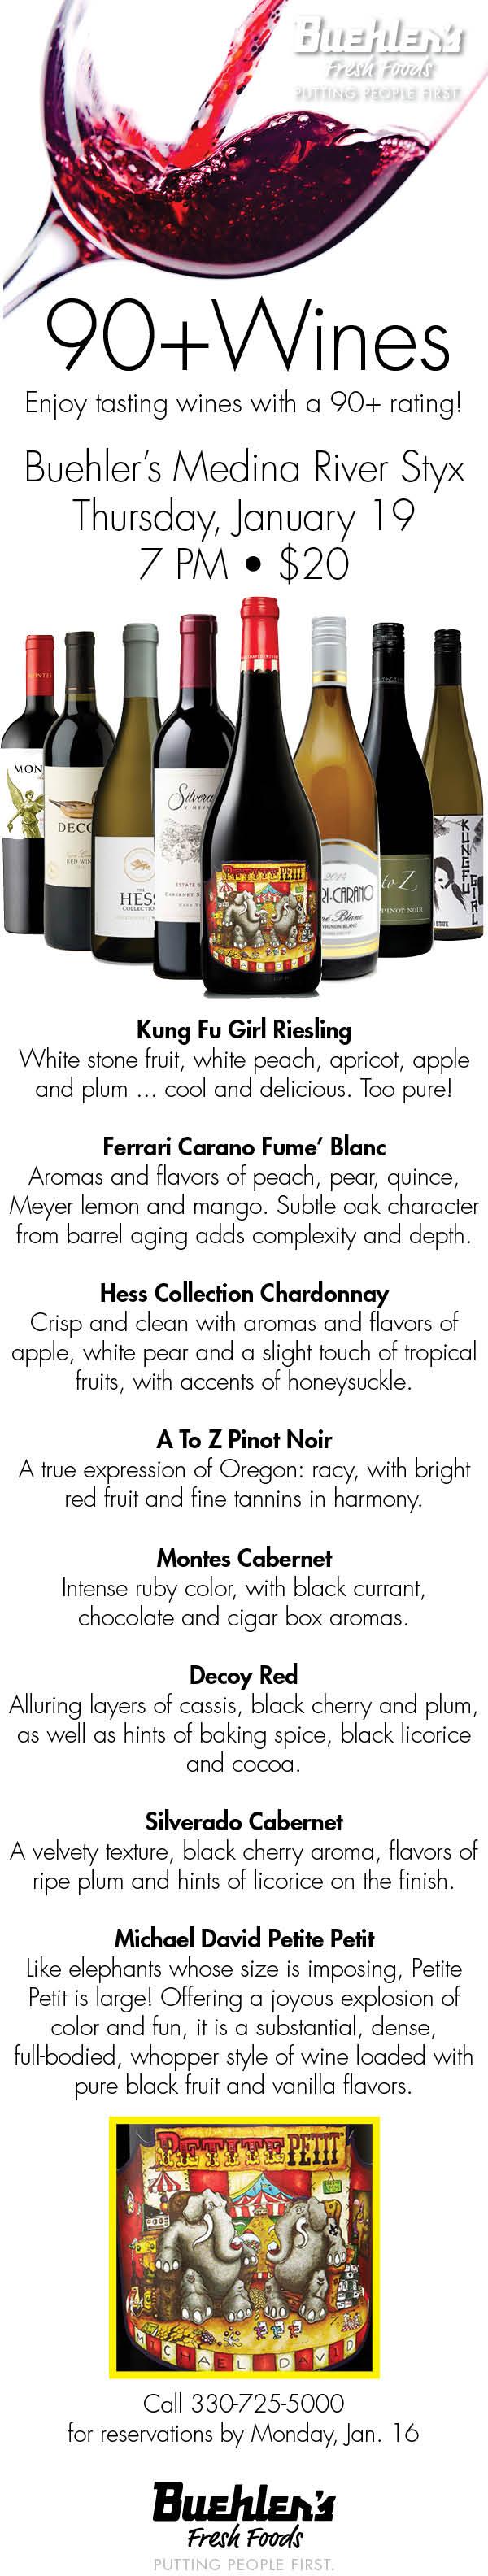 90+ Wines - Wine Tasting